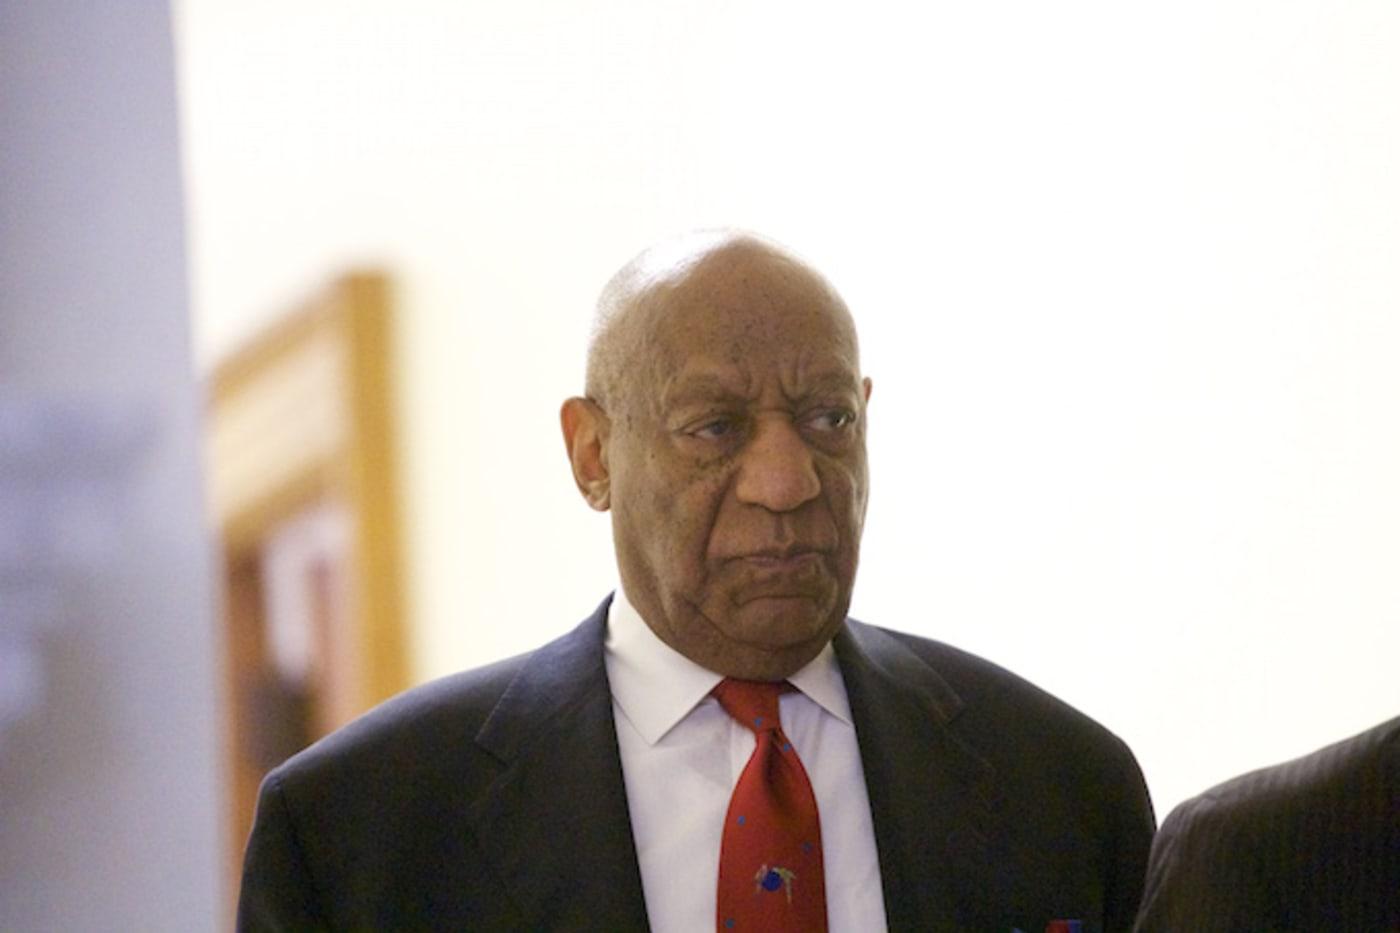 Bill Cosby Academy